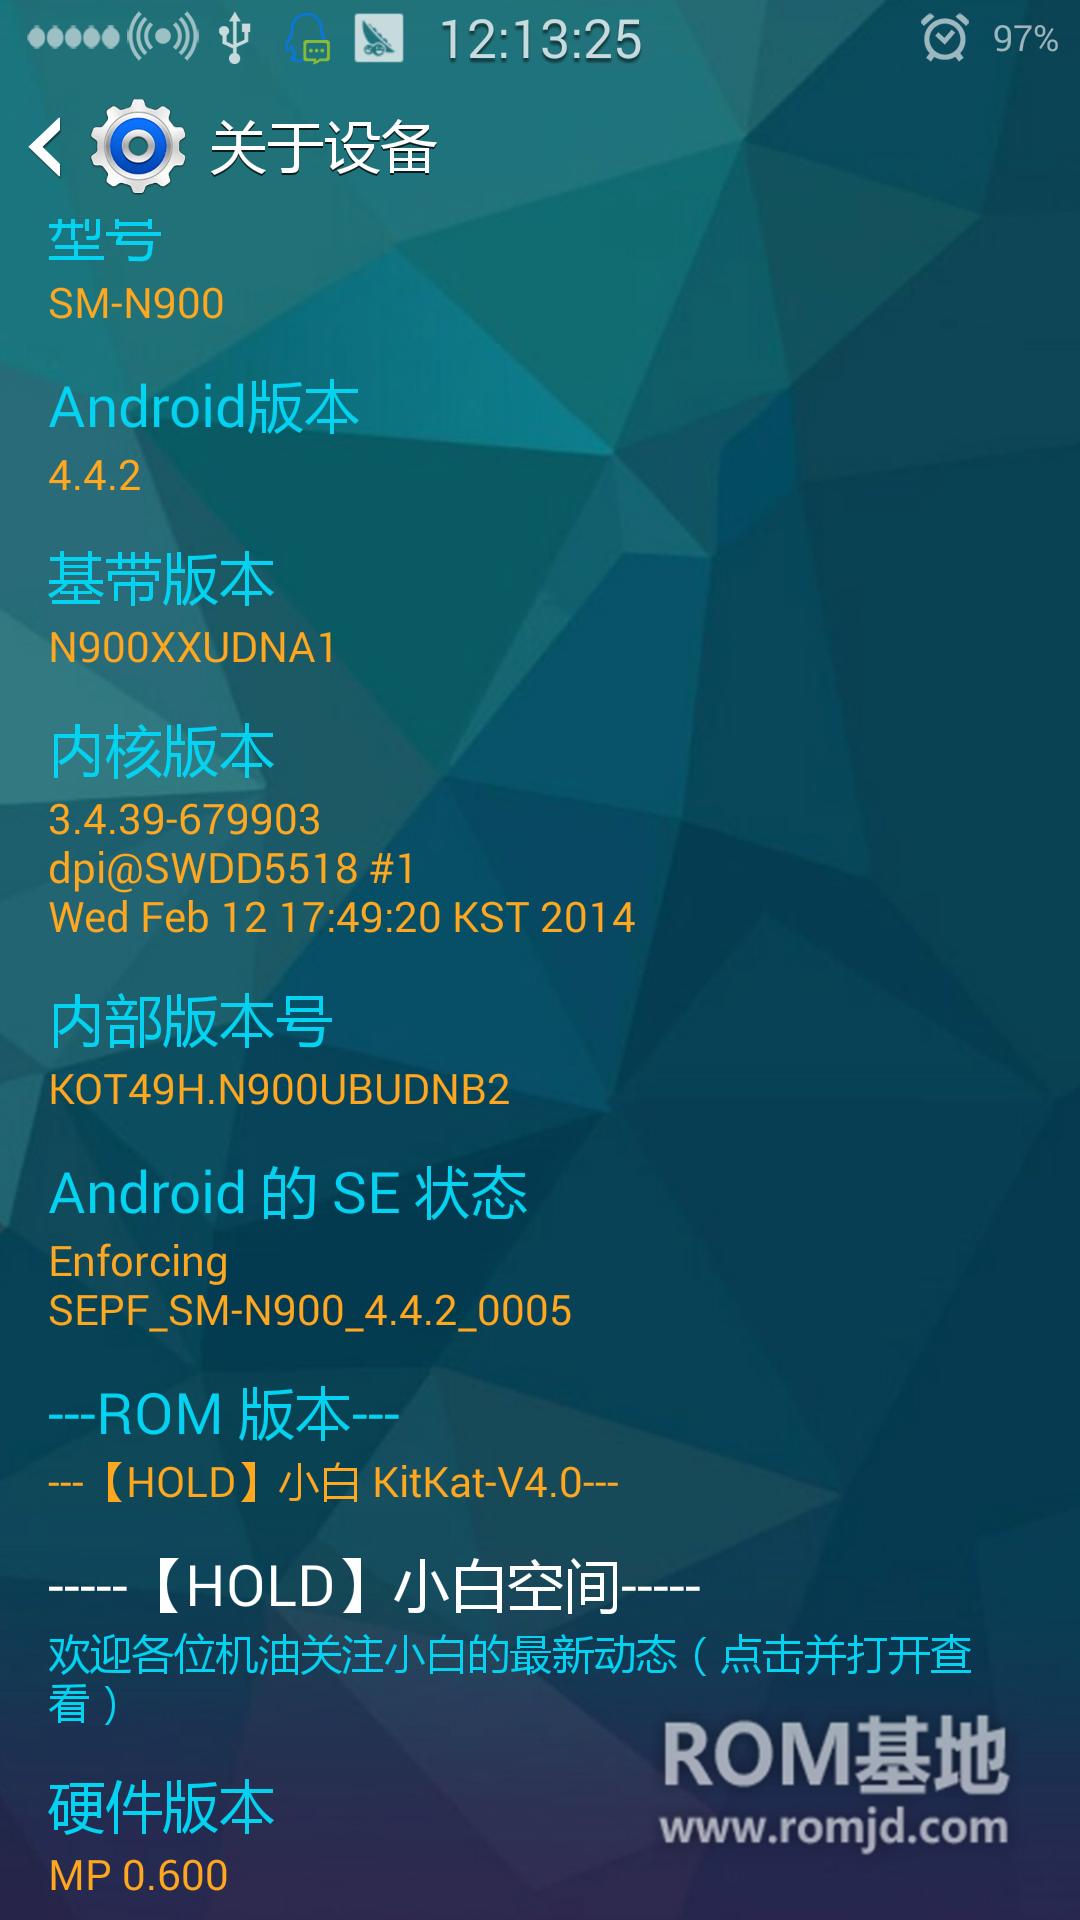 三星 n900(note3)刷机包 全局透明+下拉快速启动+省电,你值得拥有!!!ROM刷机包截图